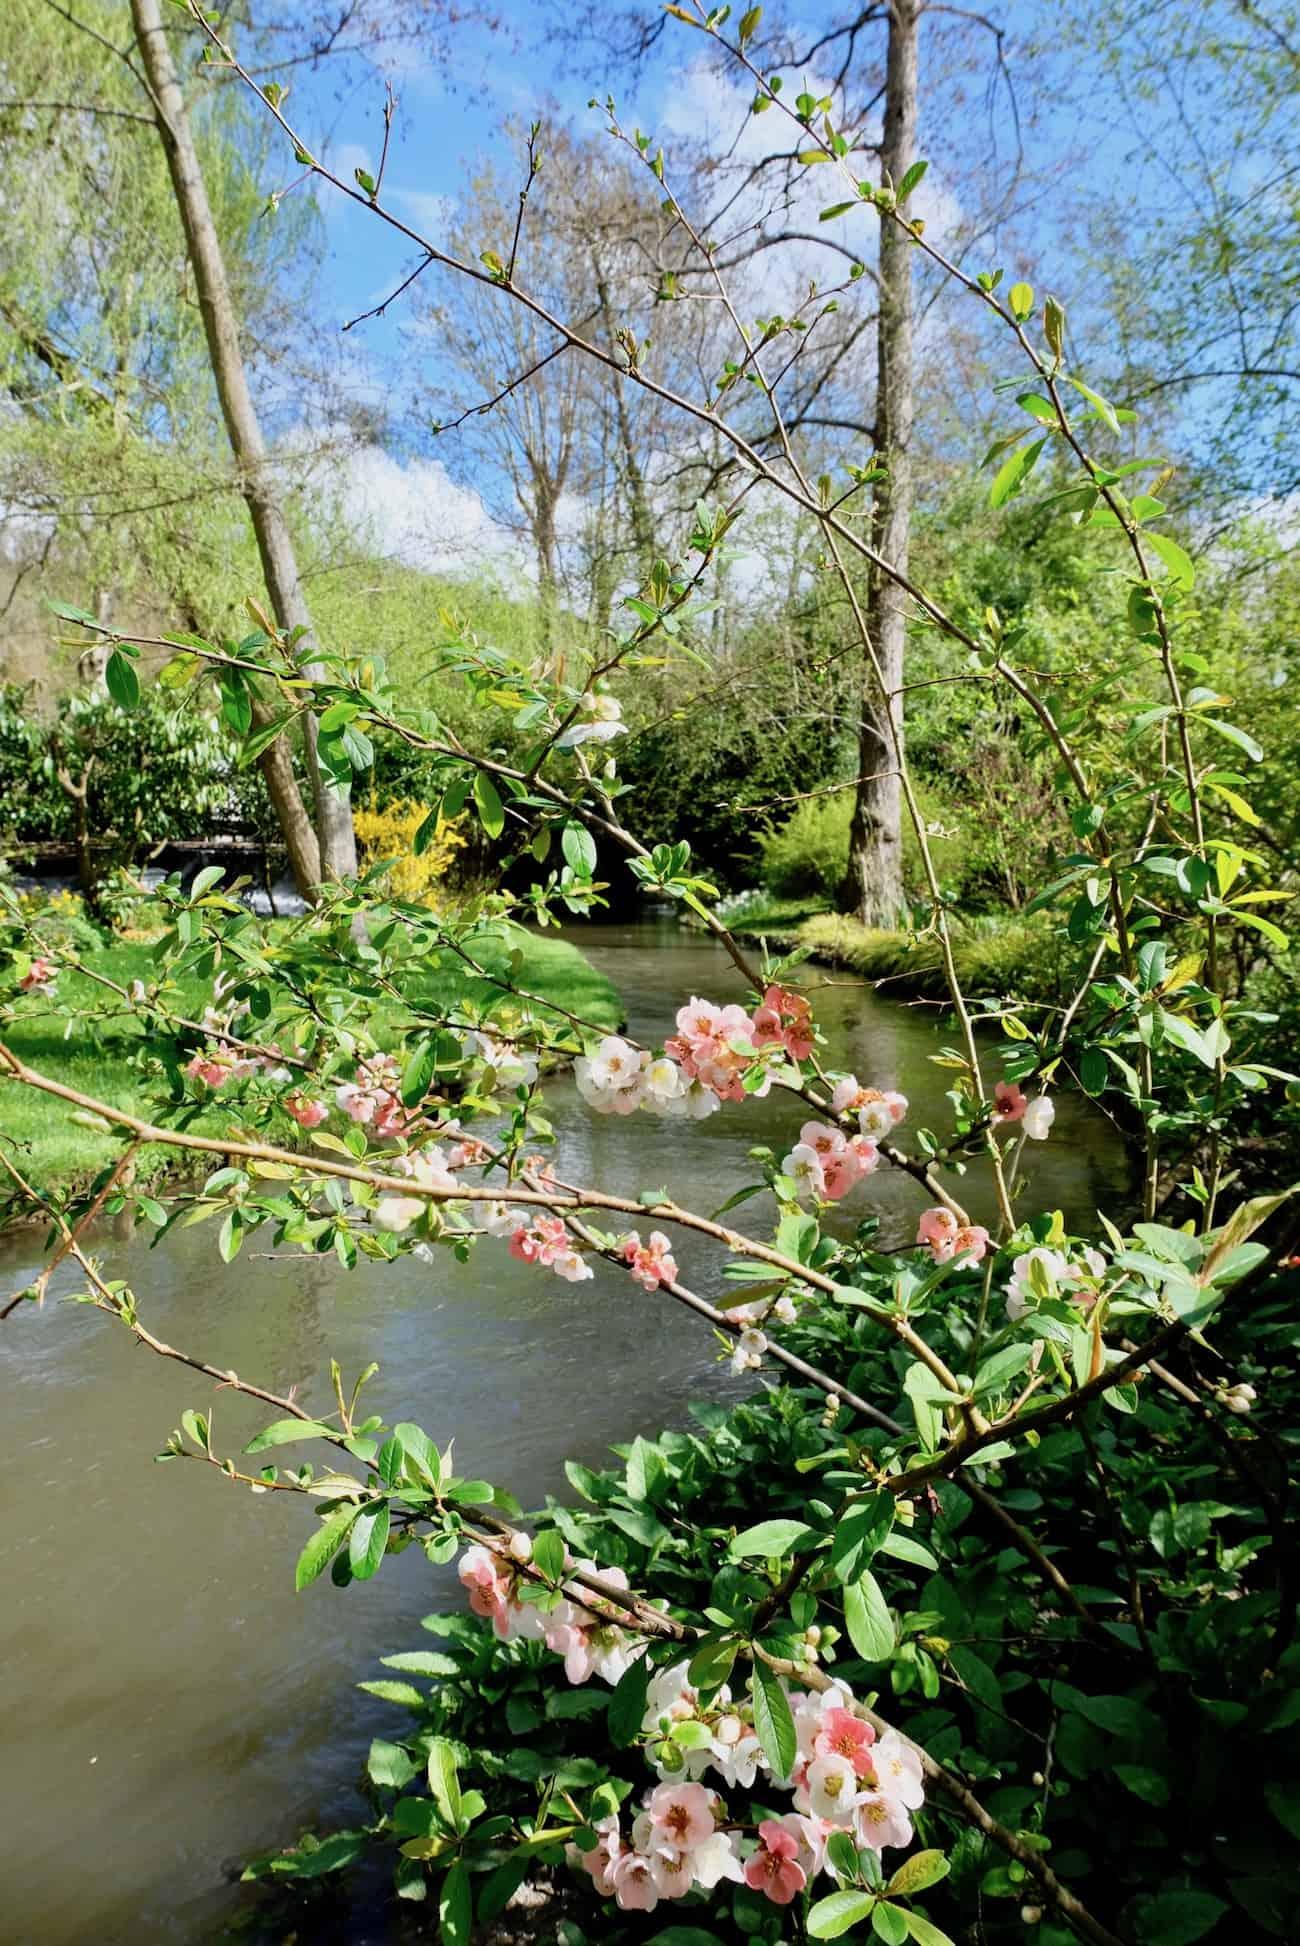 jardin-fondation-claude-monet-giverny-autour-de-paris